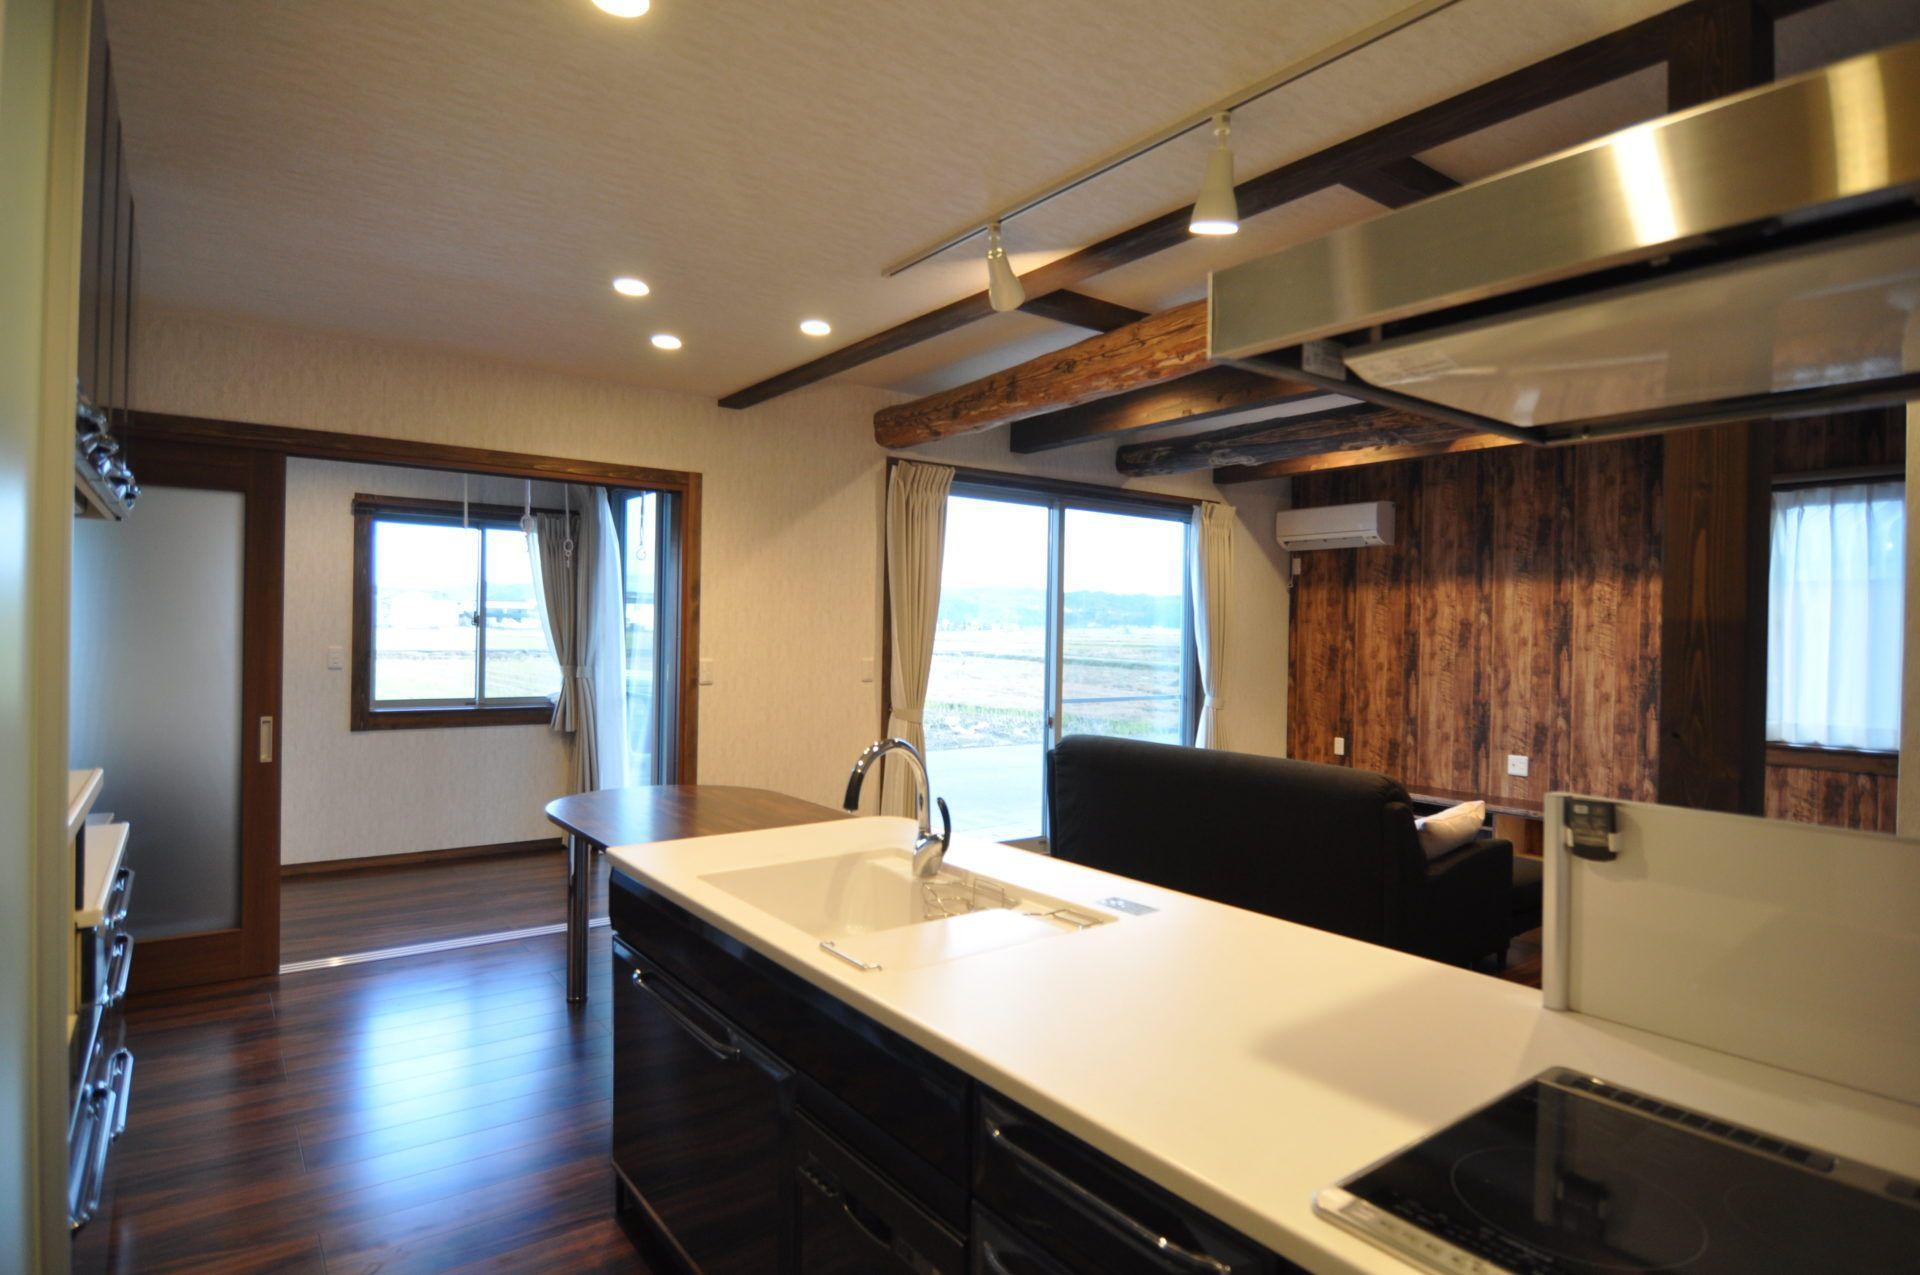 有限会社 市川建築店 1級建築士事務所「三条市 I様邸」のシンプル・ナチュラル・和風・和モダンなキッチンの実例写真